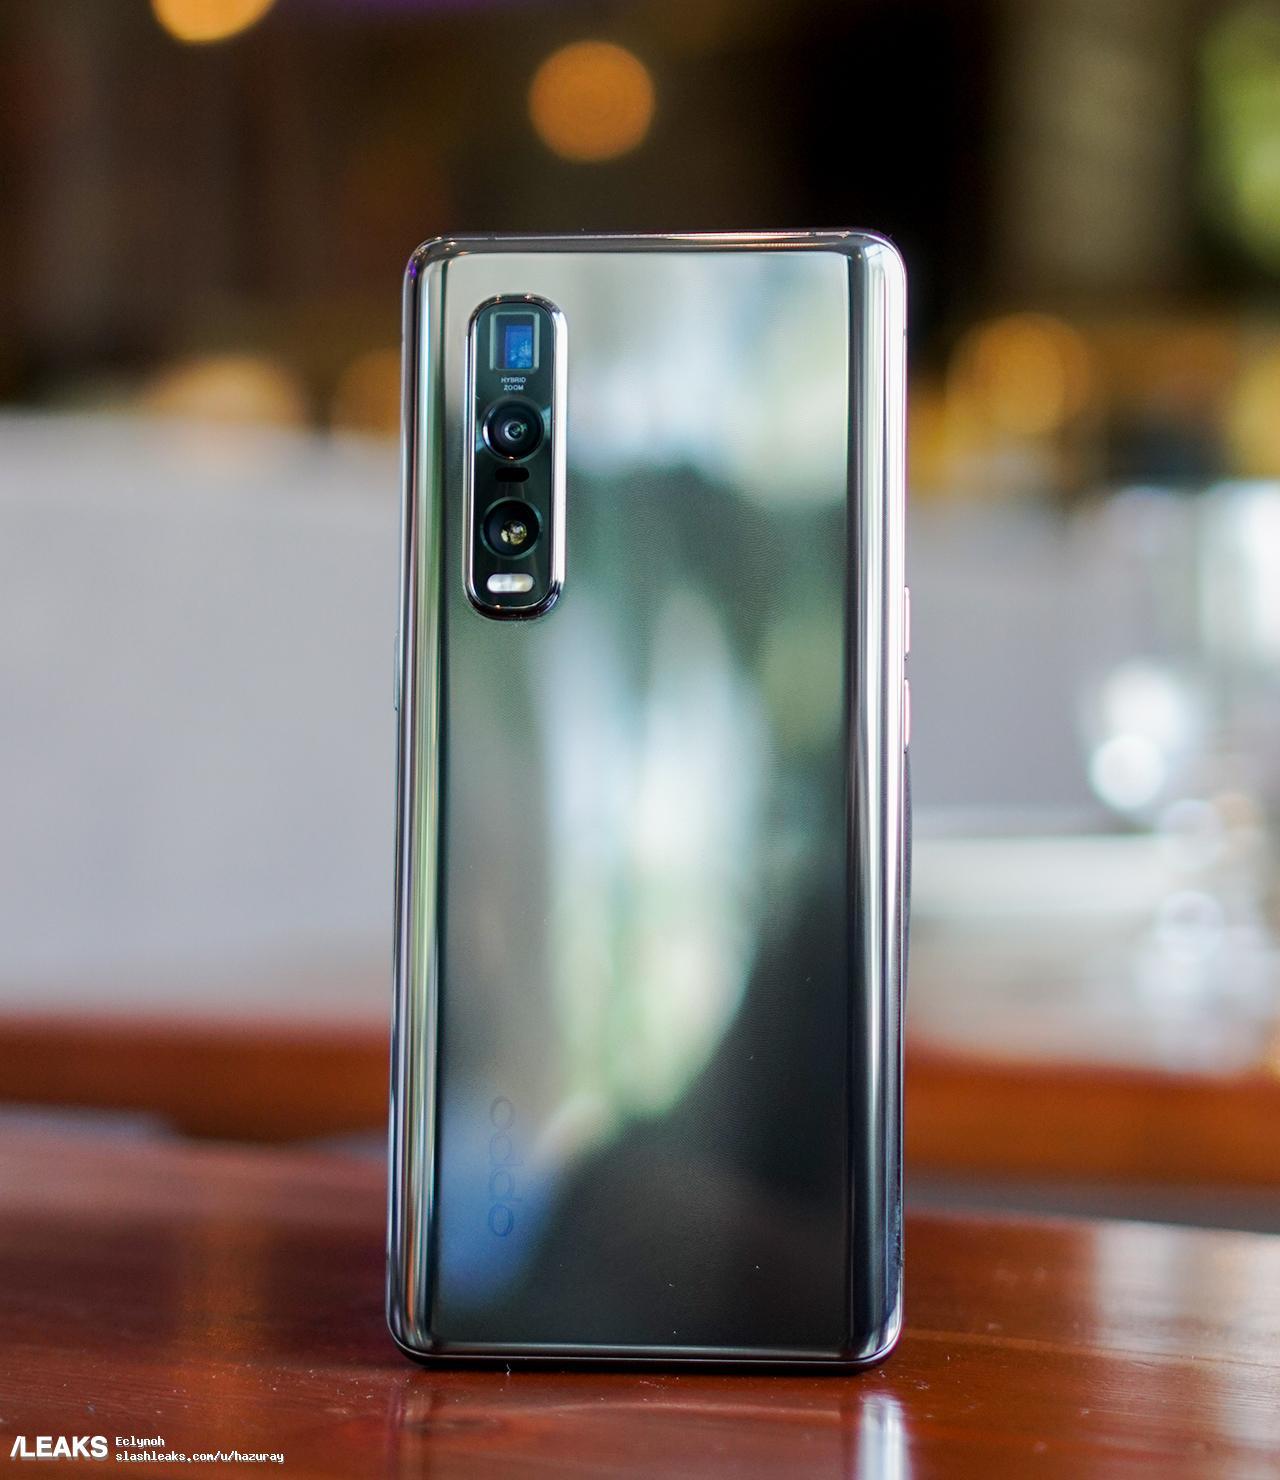 OPPO Encontre X2 Pro vs Samsung Galaxy S20 Ultra